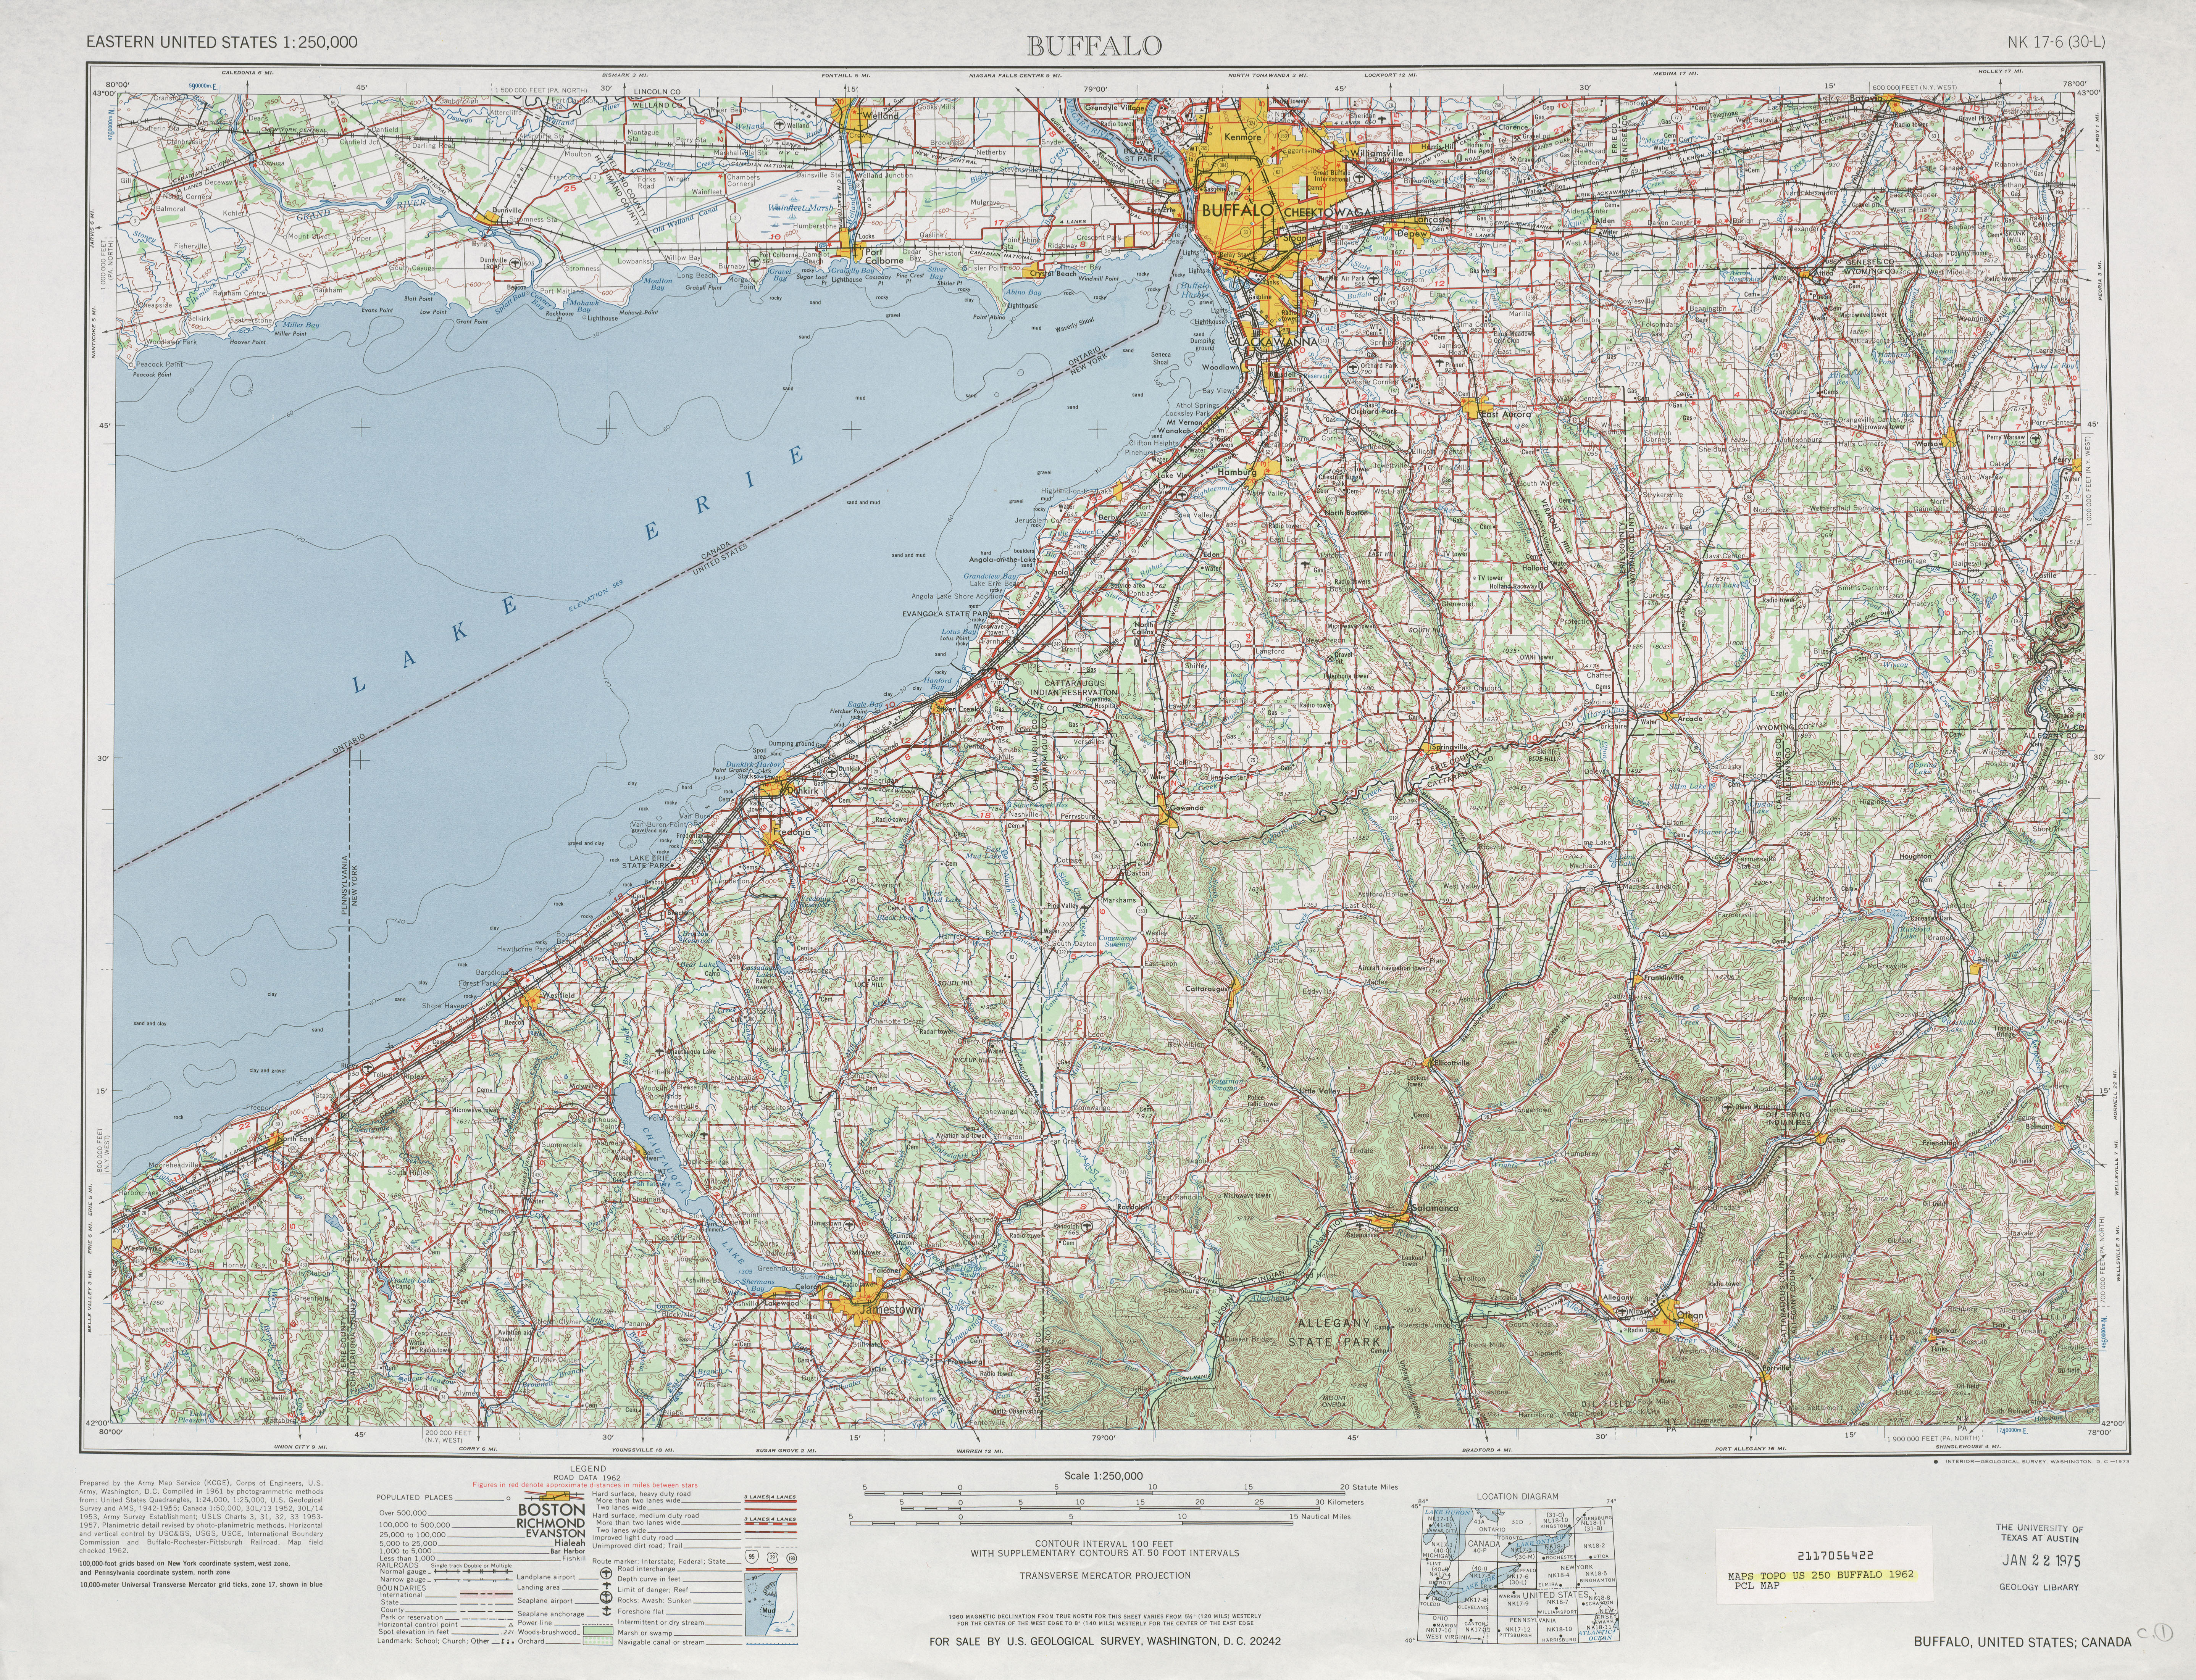 Hoja Buffalo del Mapa Topográfico de los Estados Unidos 1962